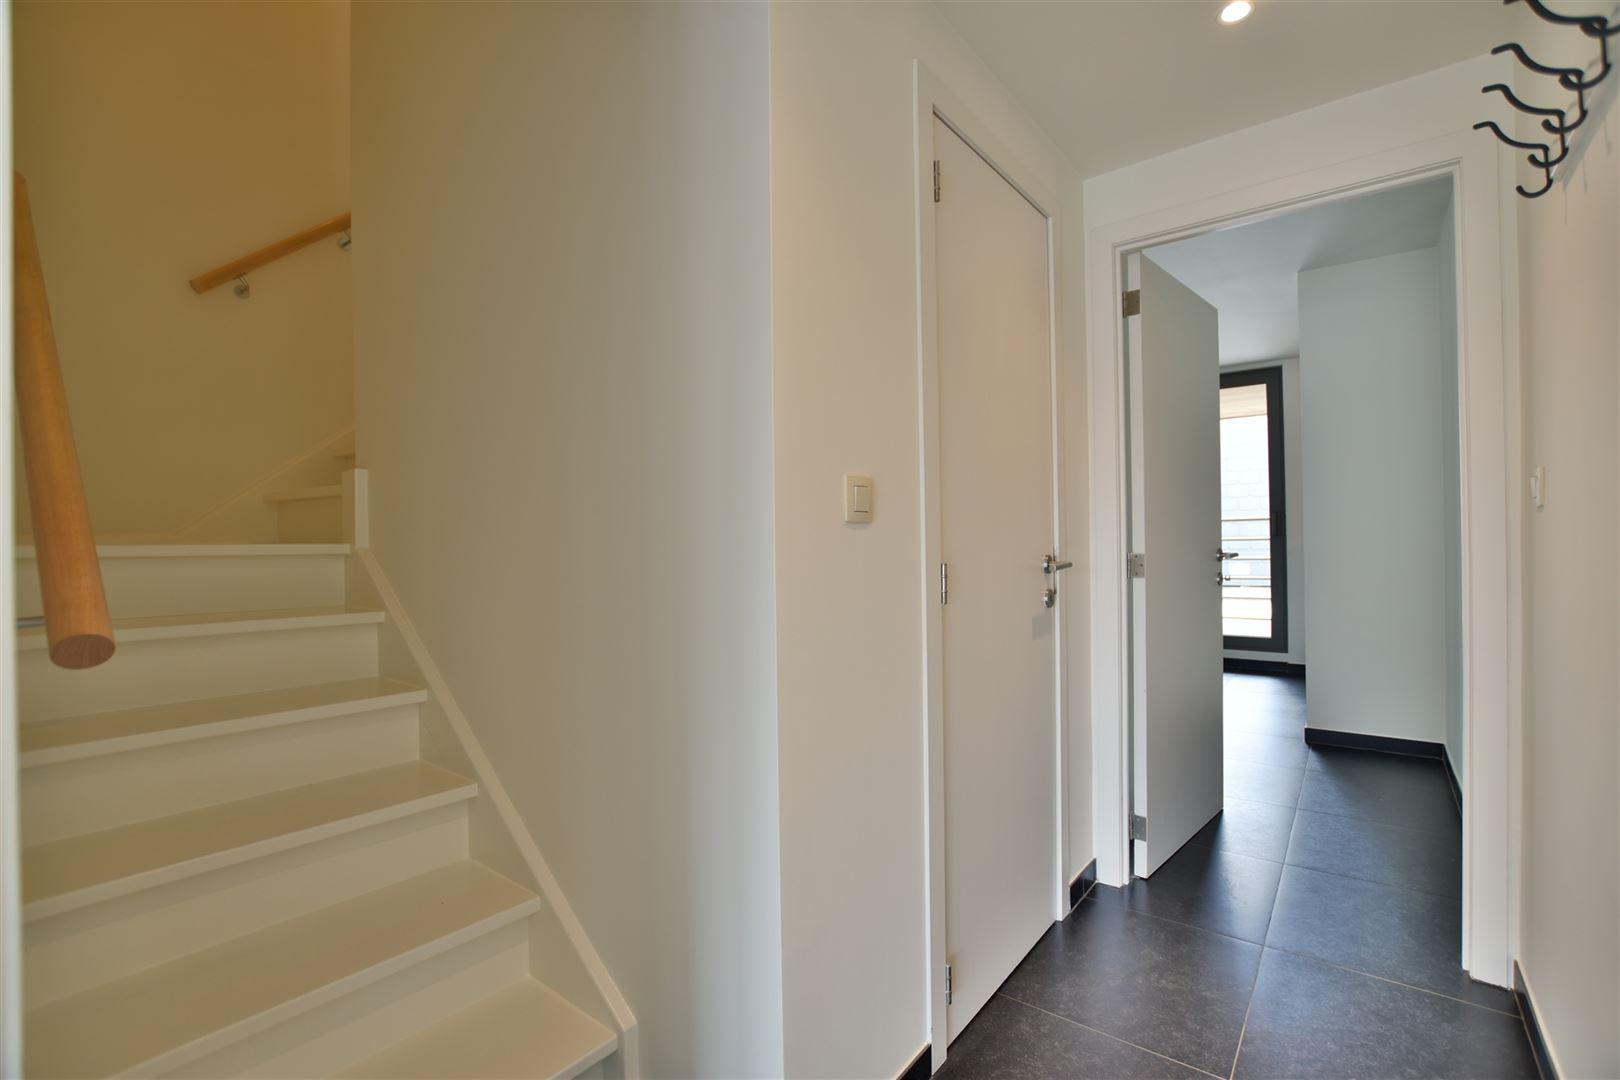 Foto 13 : Appartement te 9200 Sint-Gillis-bij-Dendermonde (België) - Prijs € 278.000